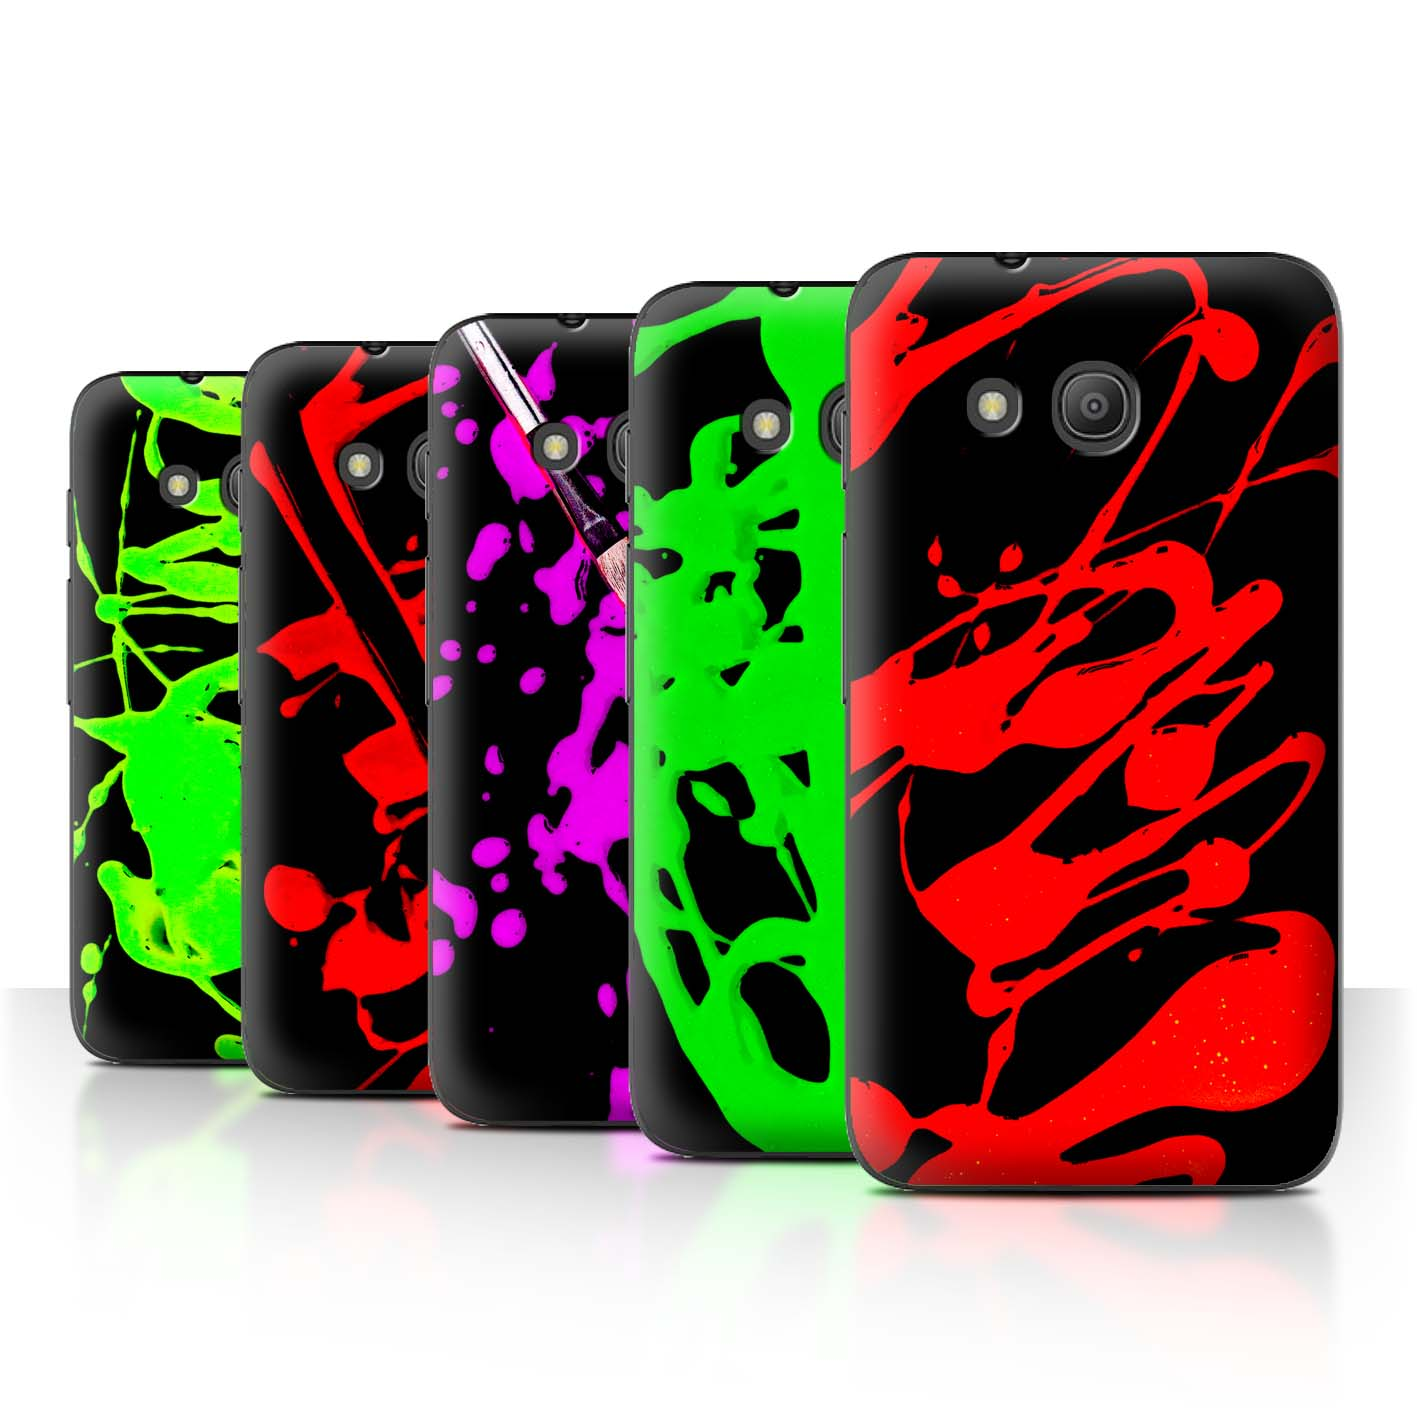 STUFF4-Back-Case-Cover-Skin-for-Alcatel-Pixi-4-4-034-Paint-Splatter